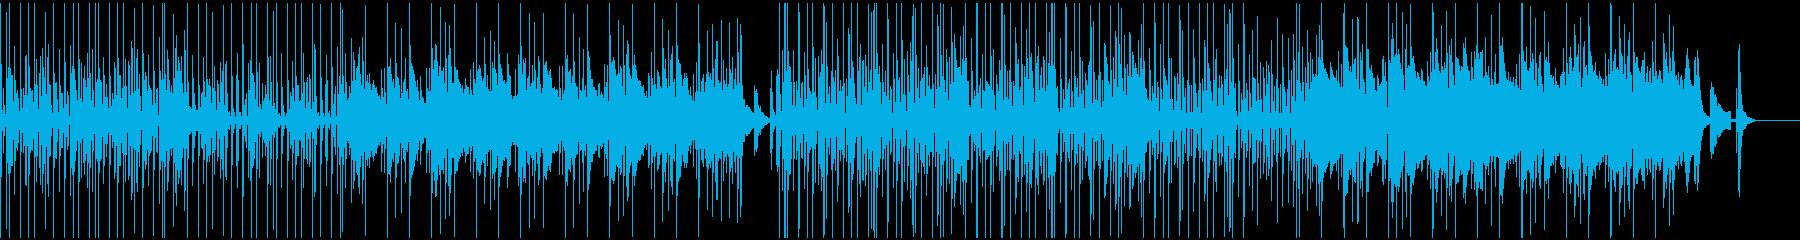 楽しい雰囲気の日常BGMの再生済みの波形